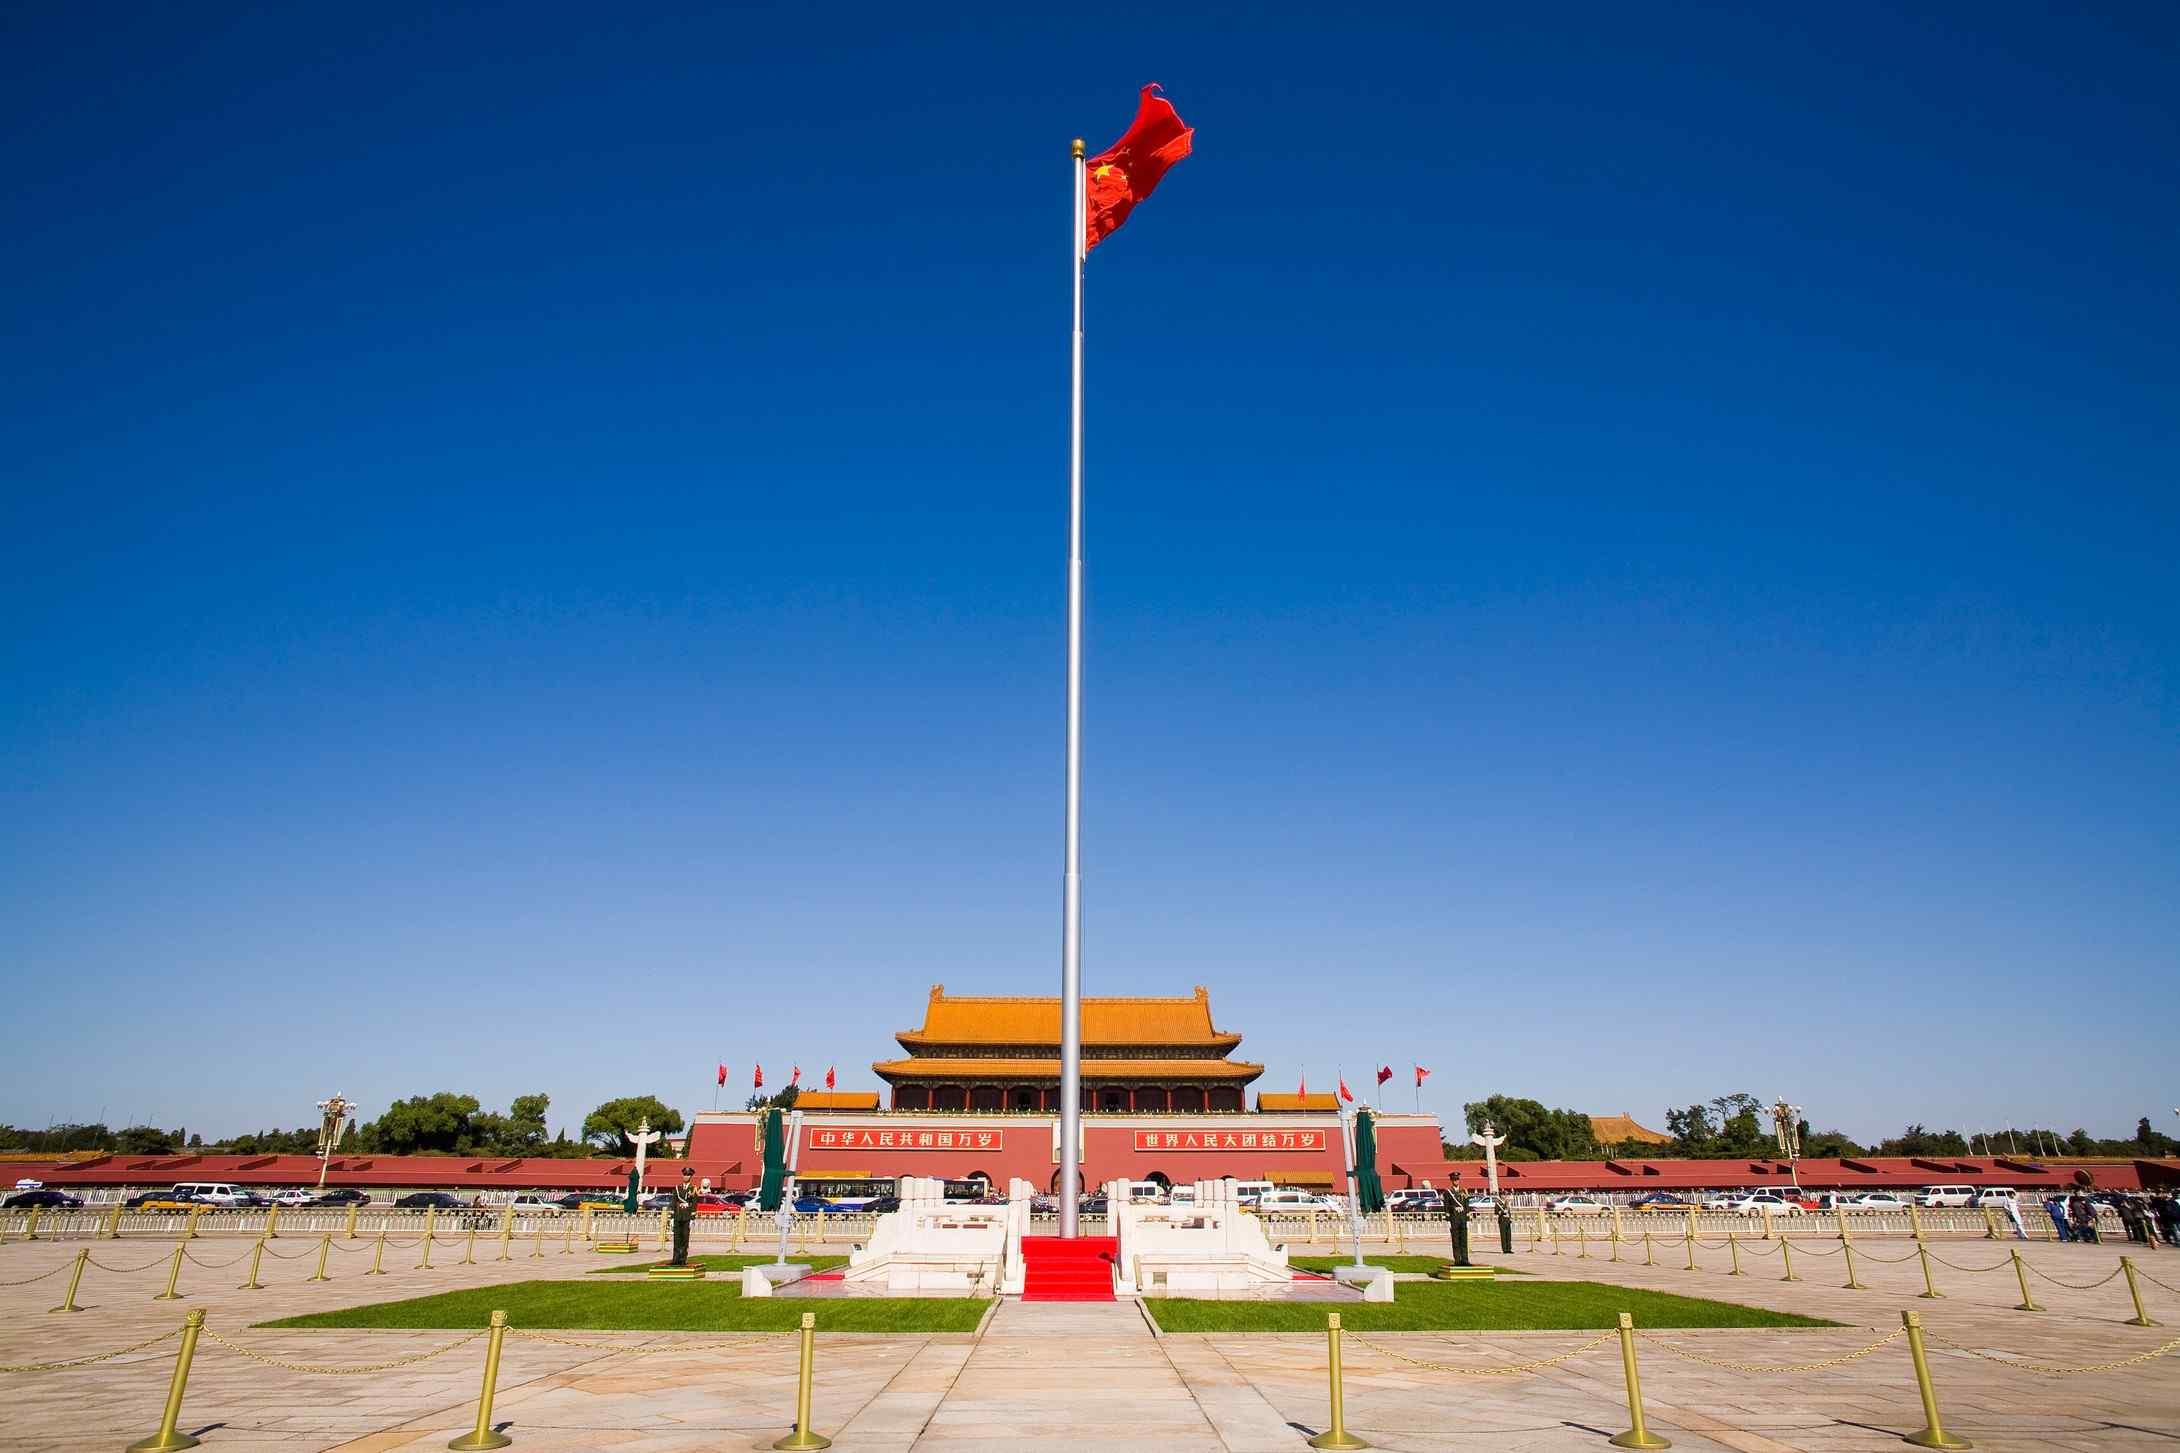 鼠标指针win8_北京风景之天安门国旗飞扬桌面壁纸 -桌面天下(Desktx.com)